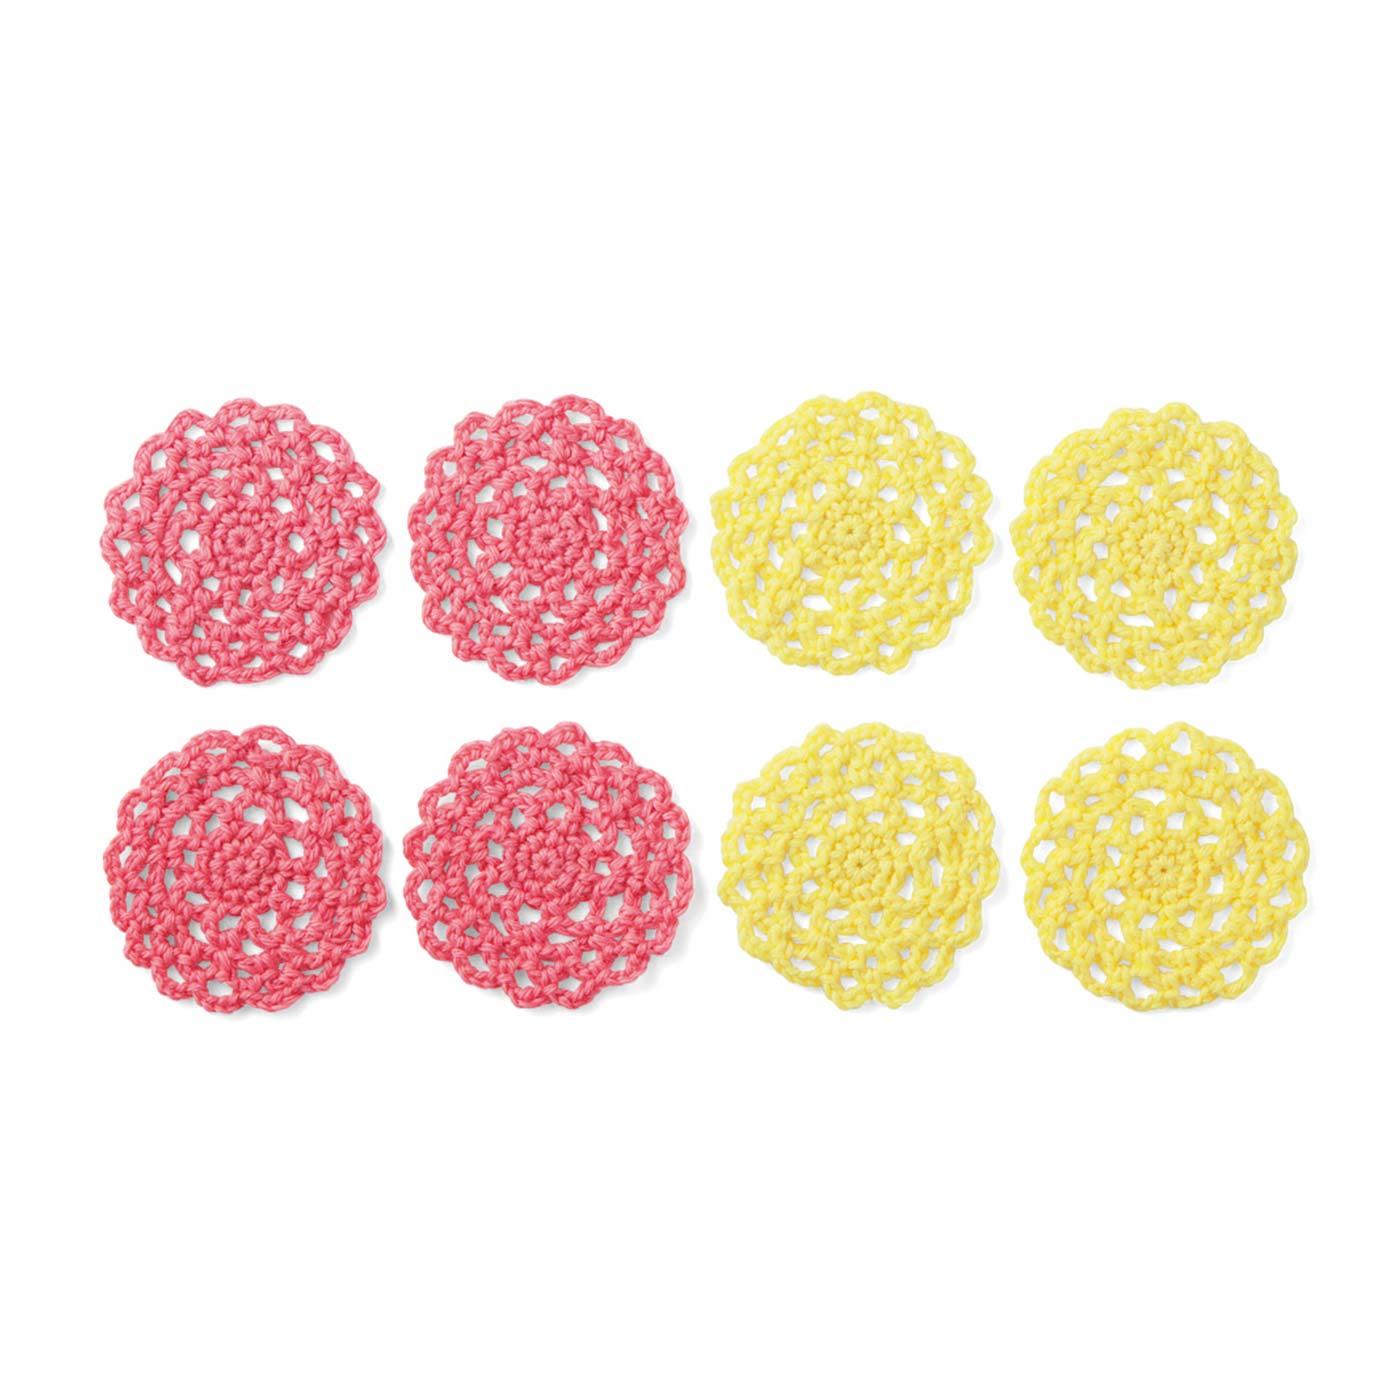 1回のキットで編む本番用モチーフは8枚。繰り返すことで、手が自然に覚えます。